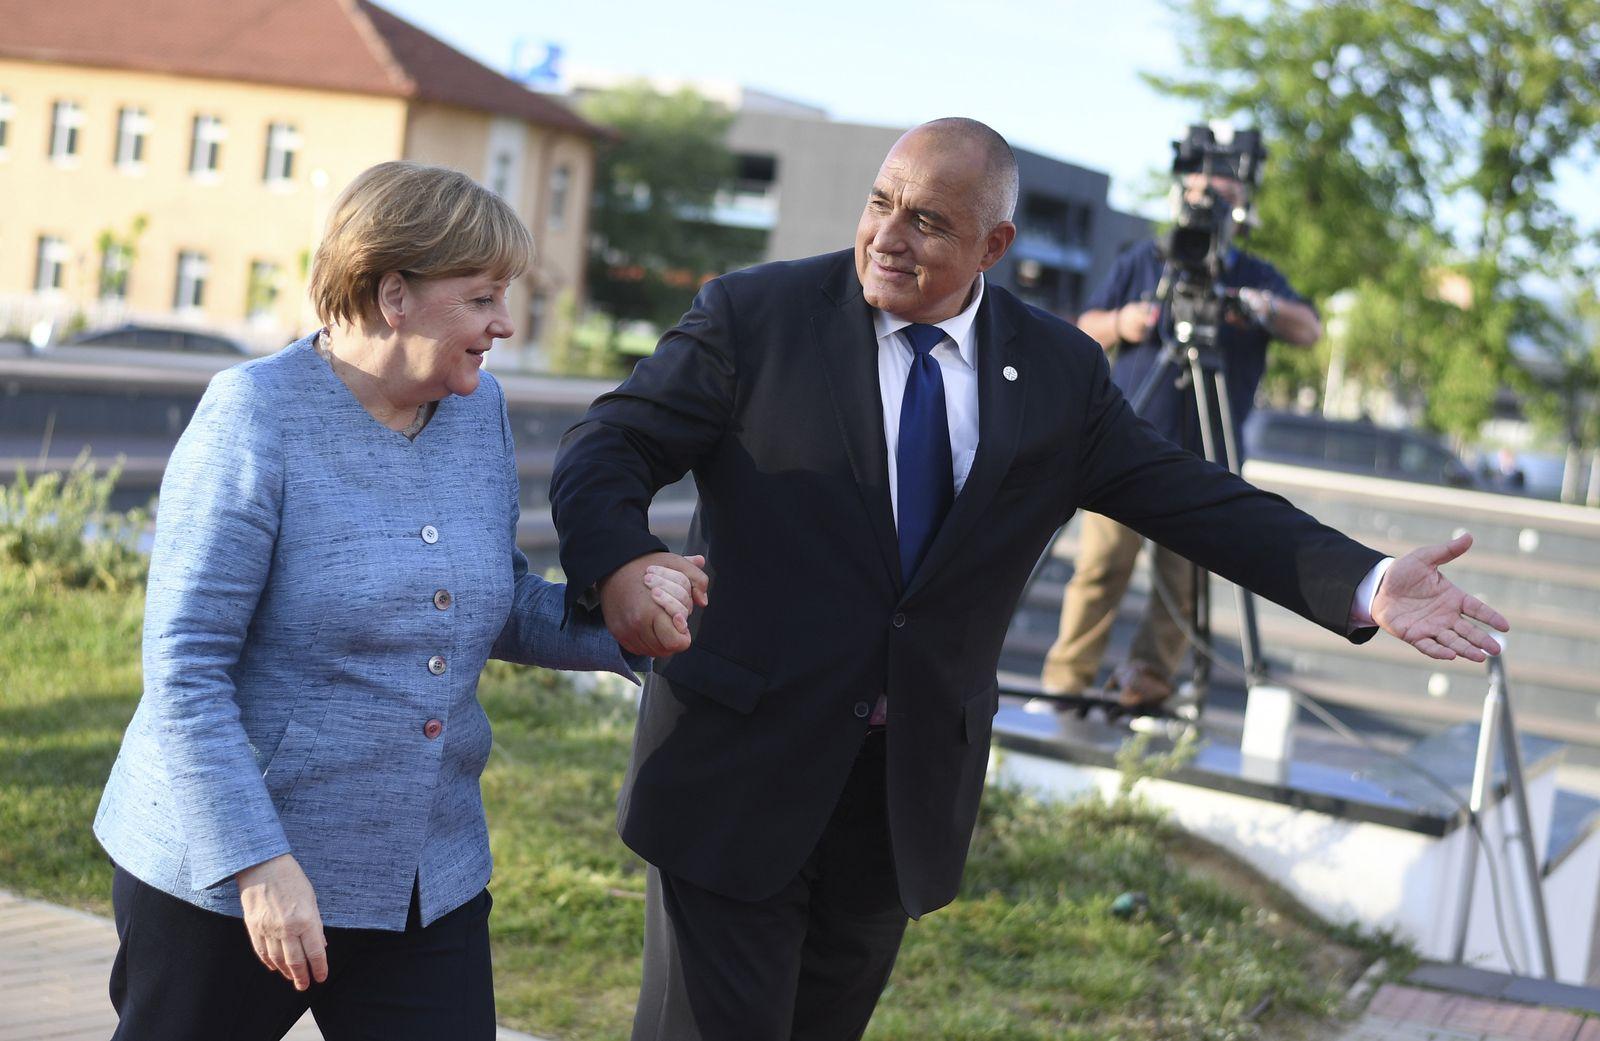 Treffen der EU-Staats- und Regierungschefs in Bulgarien